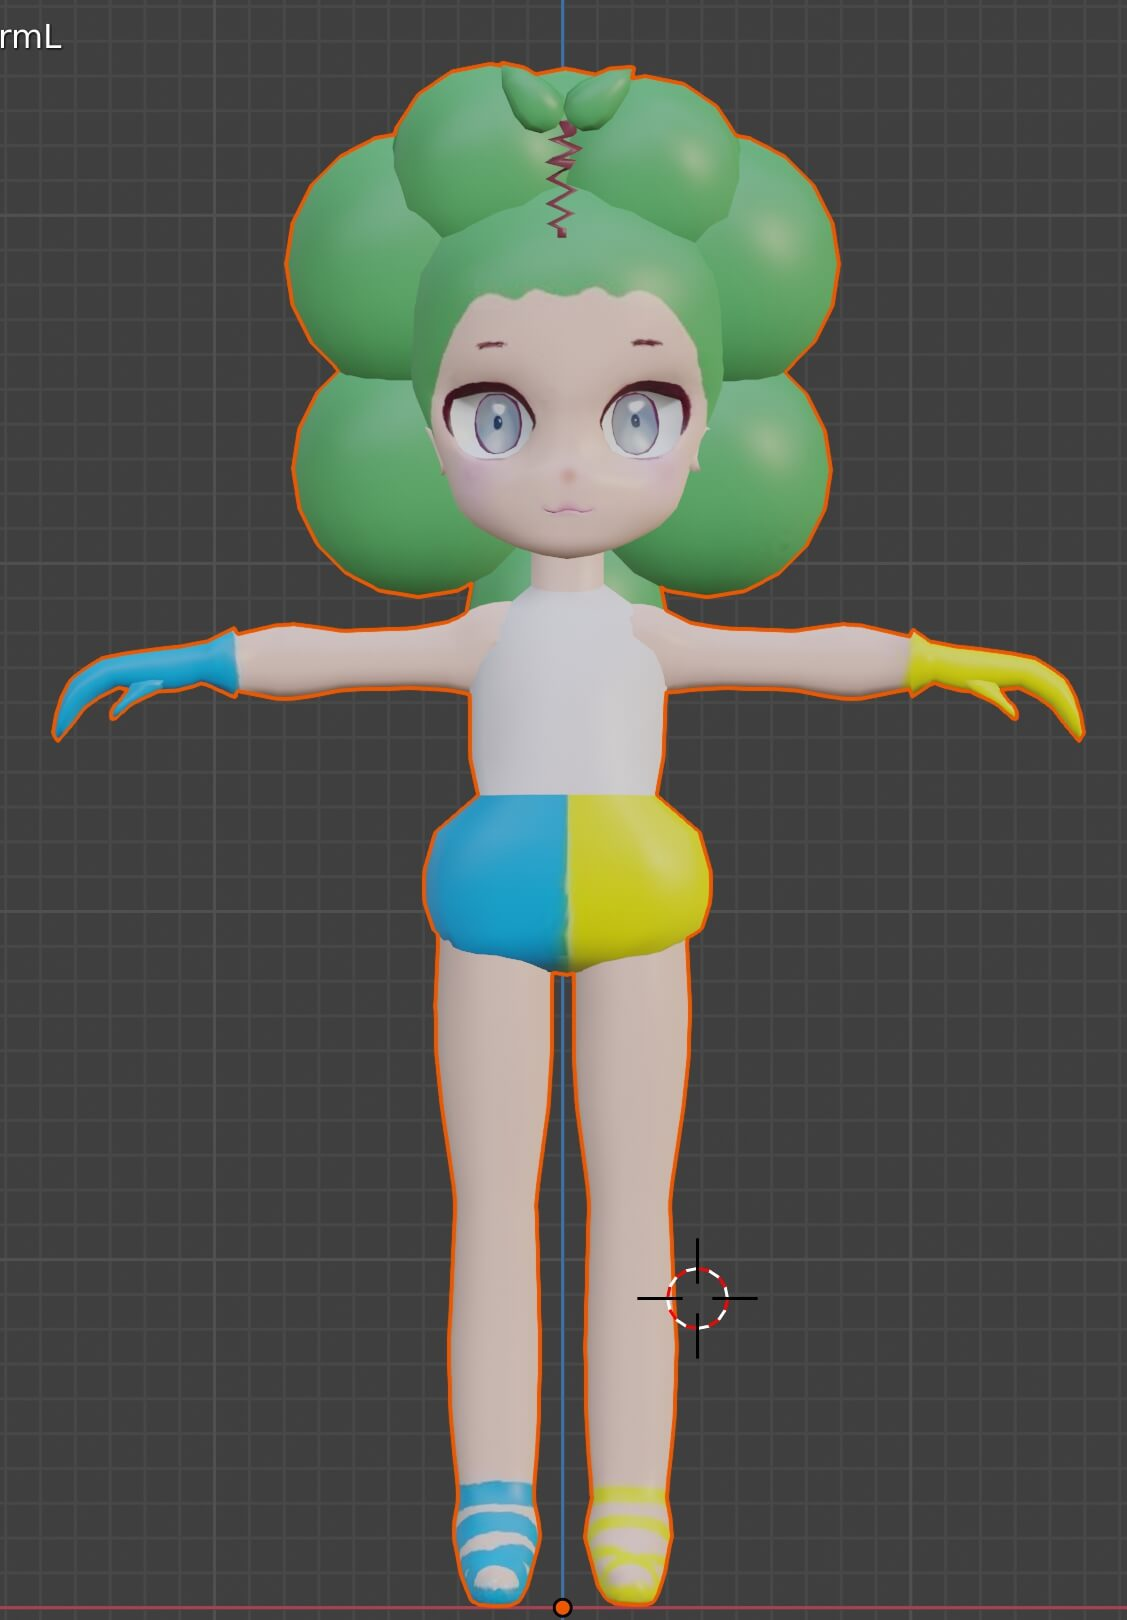 イェイちゃんの自作3Dアバター